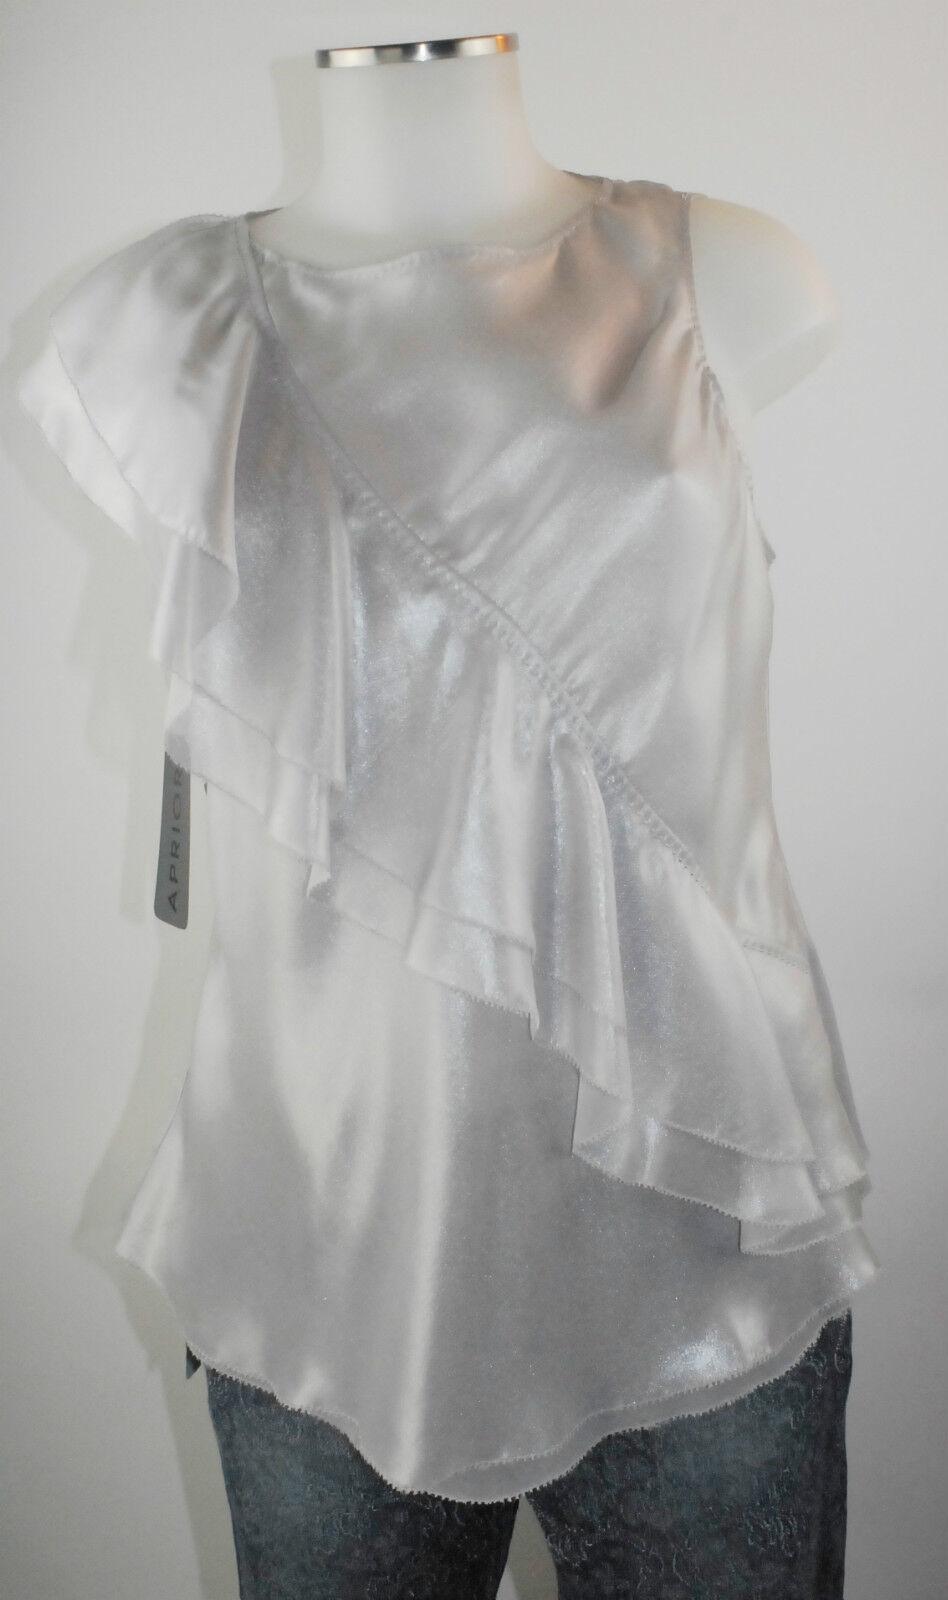 Apriori Top 38 silver grey ärmellos bluese Volants A-Linie Polyester neu m.E.